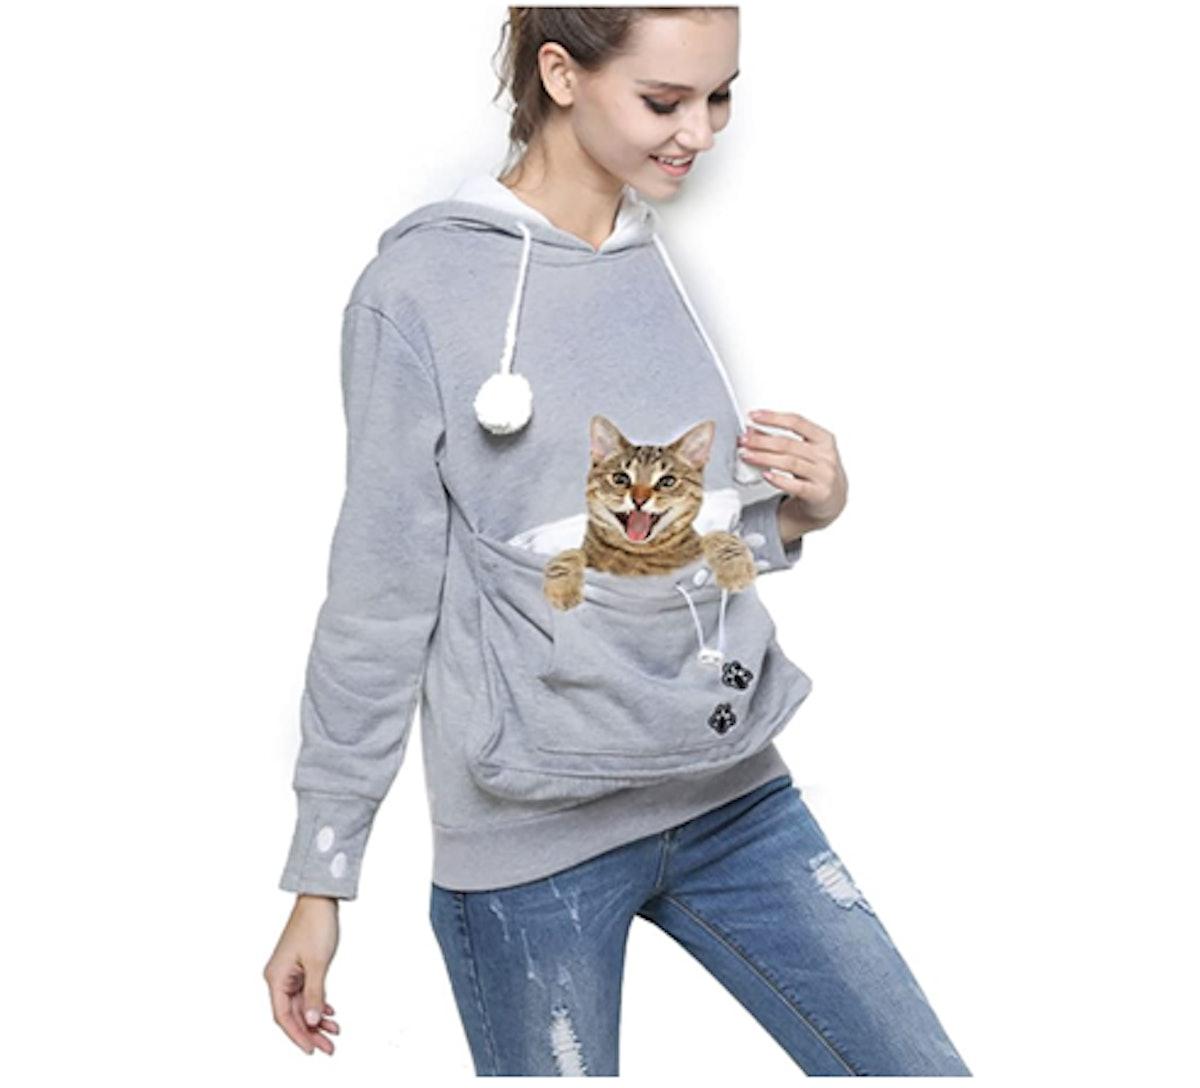 Jomago Pet Carrying Sweatshirt